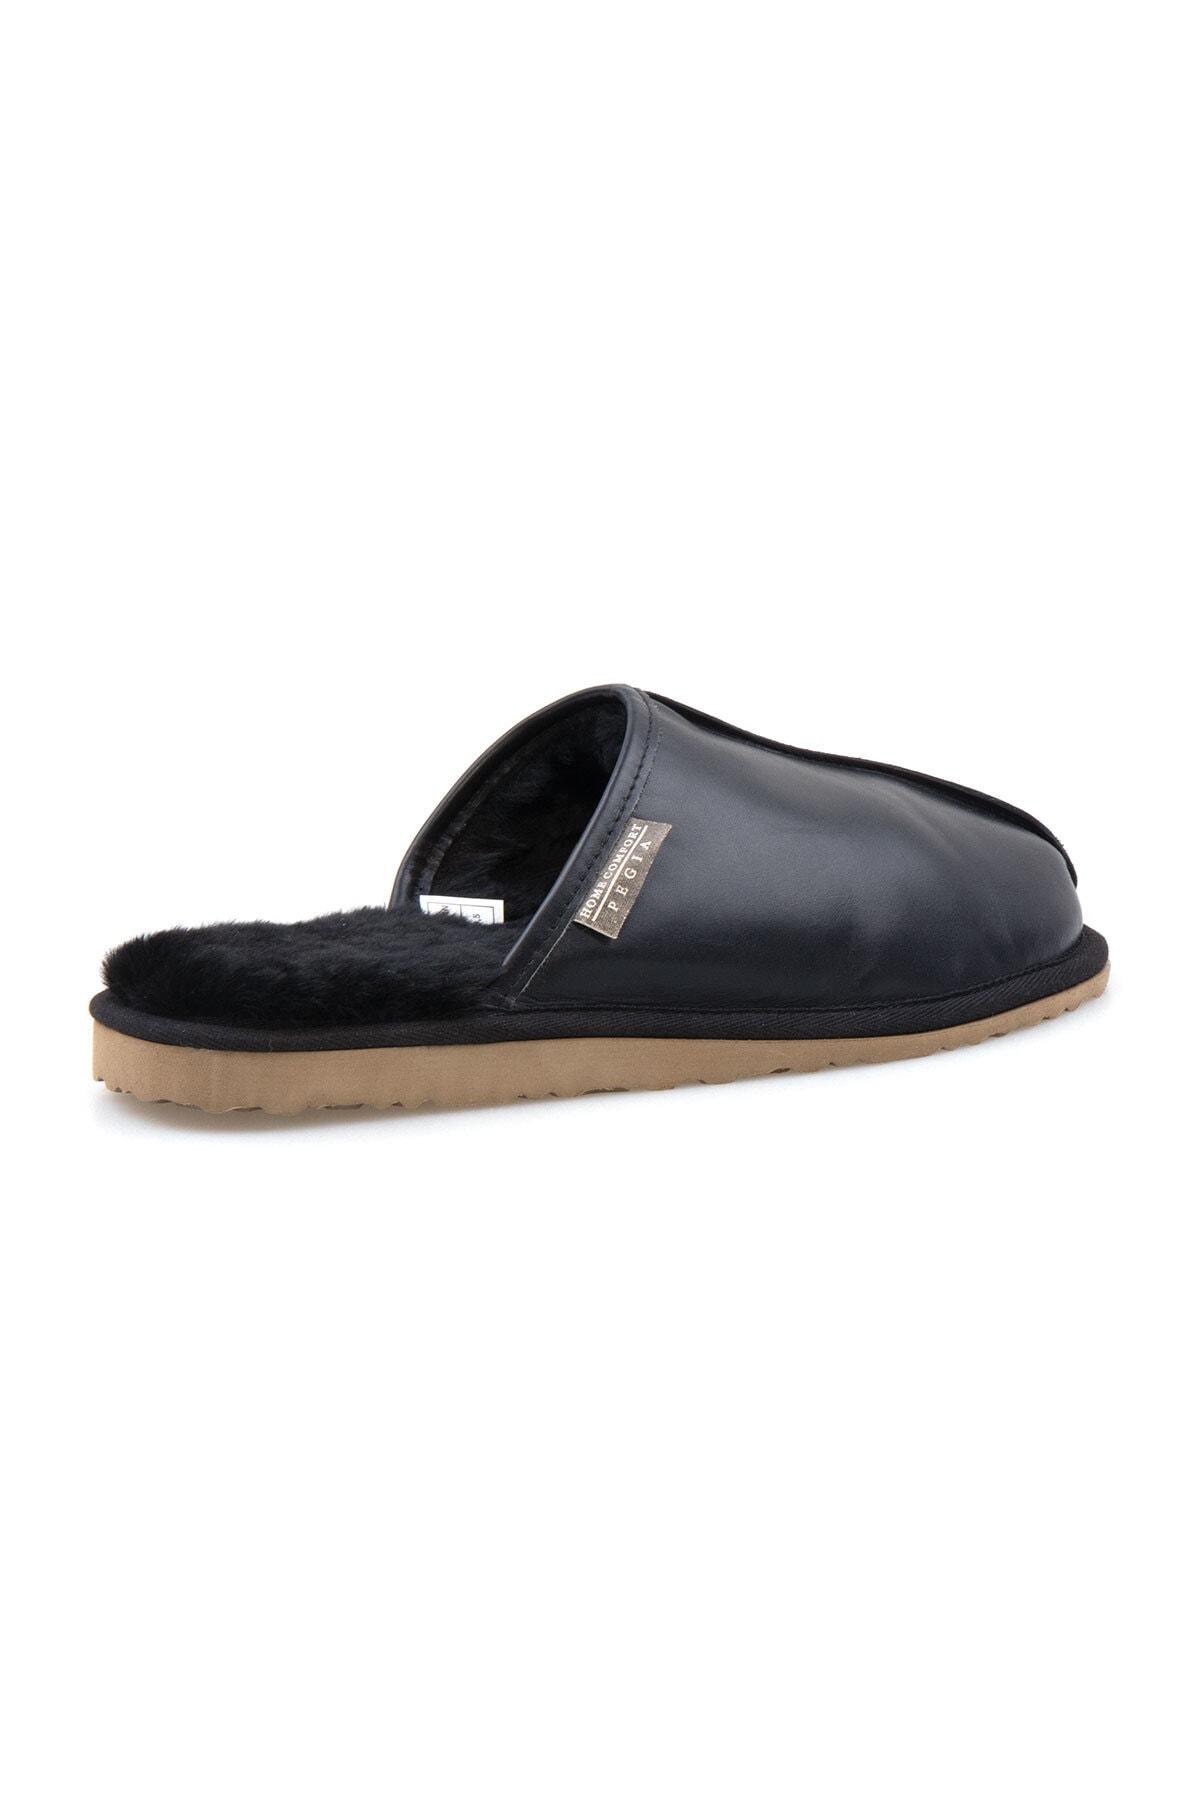 Pegia Erkek Siyah Deri Kürklü Ev Ayakkabısı 111012 2